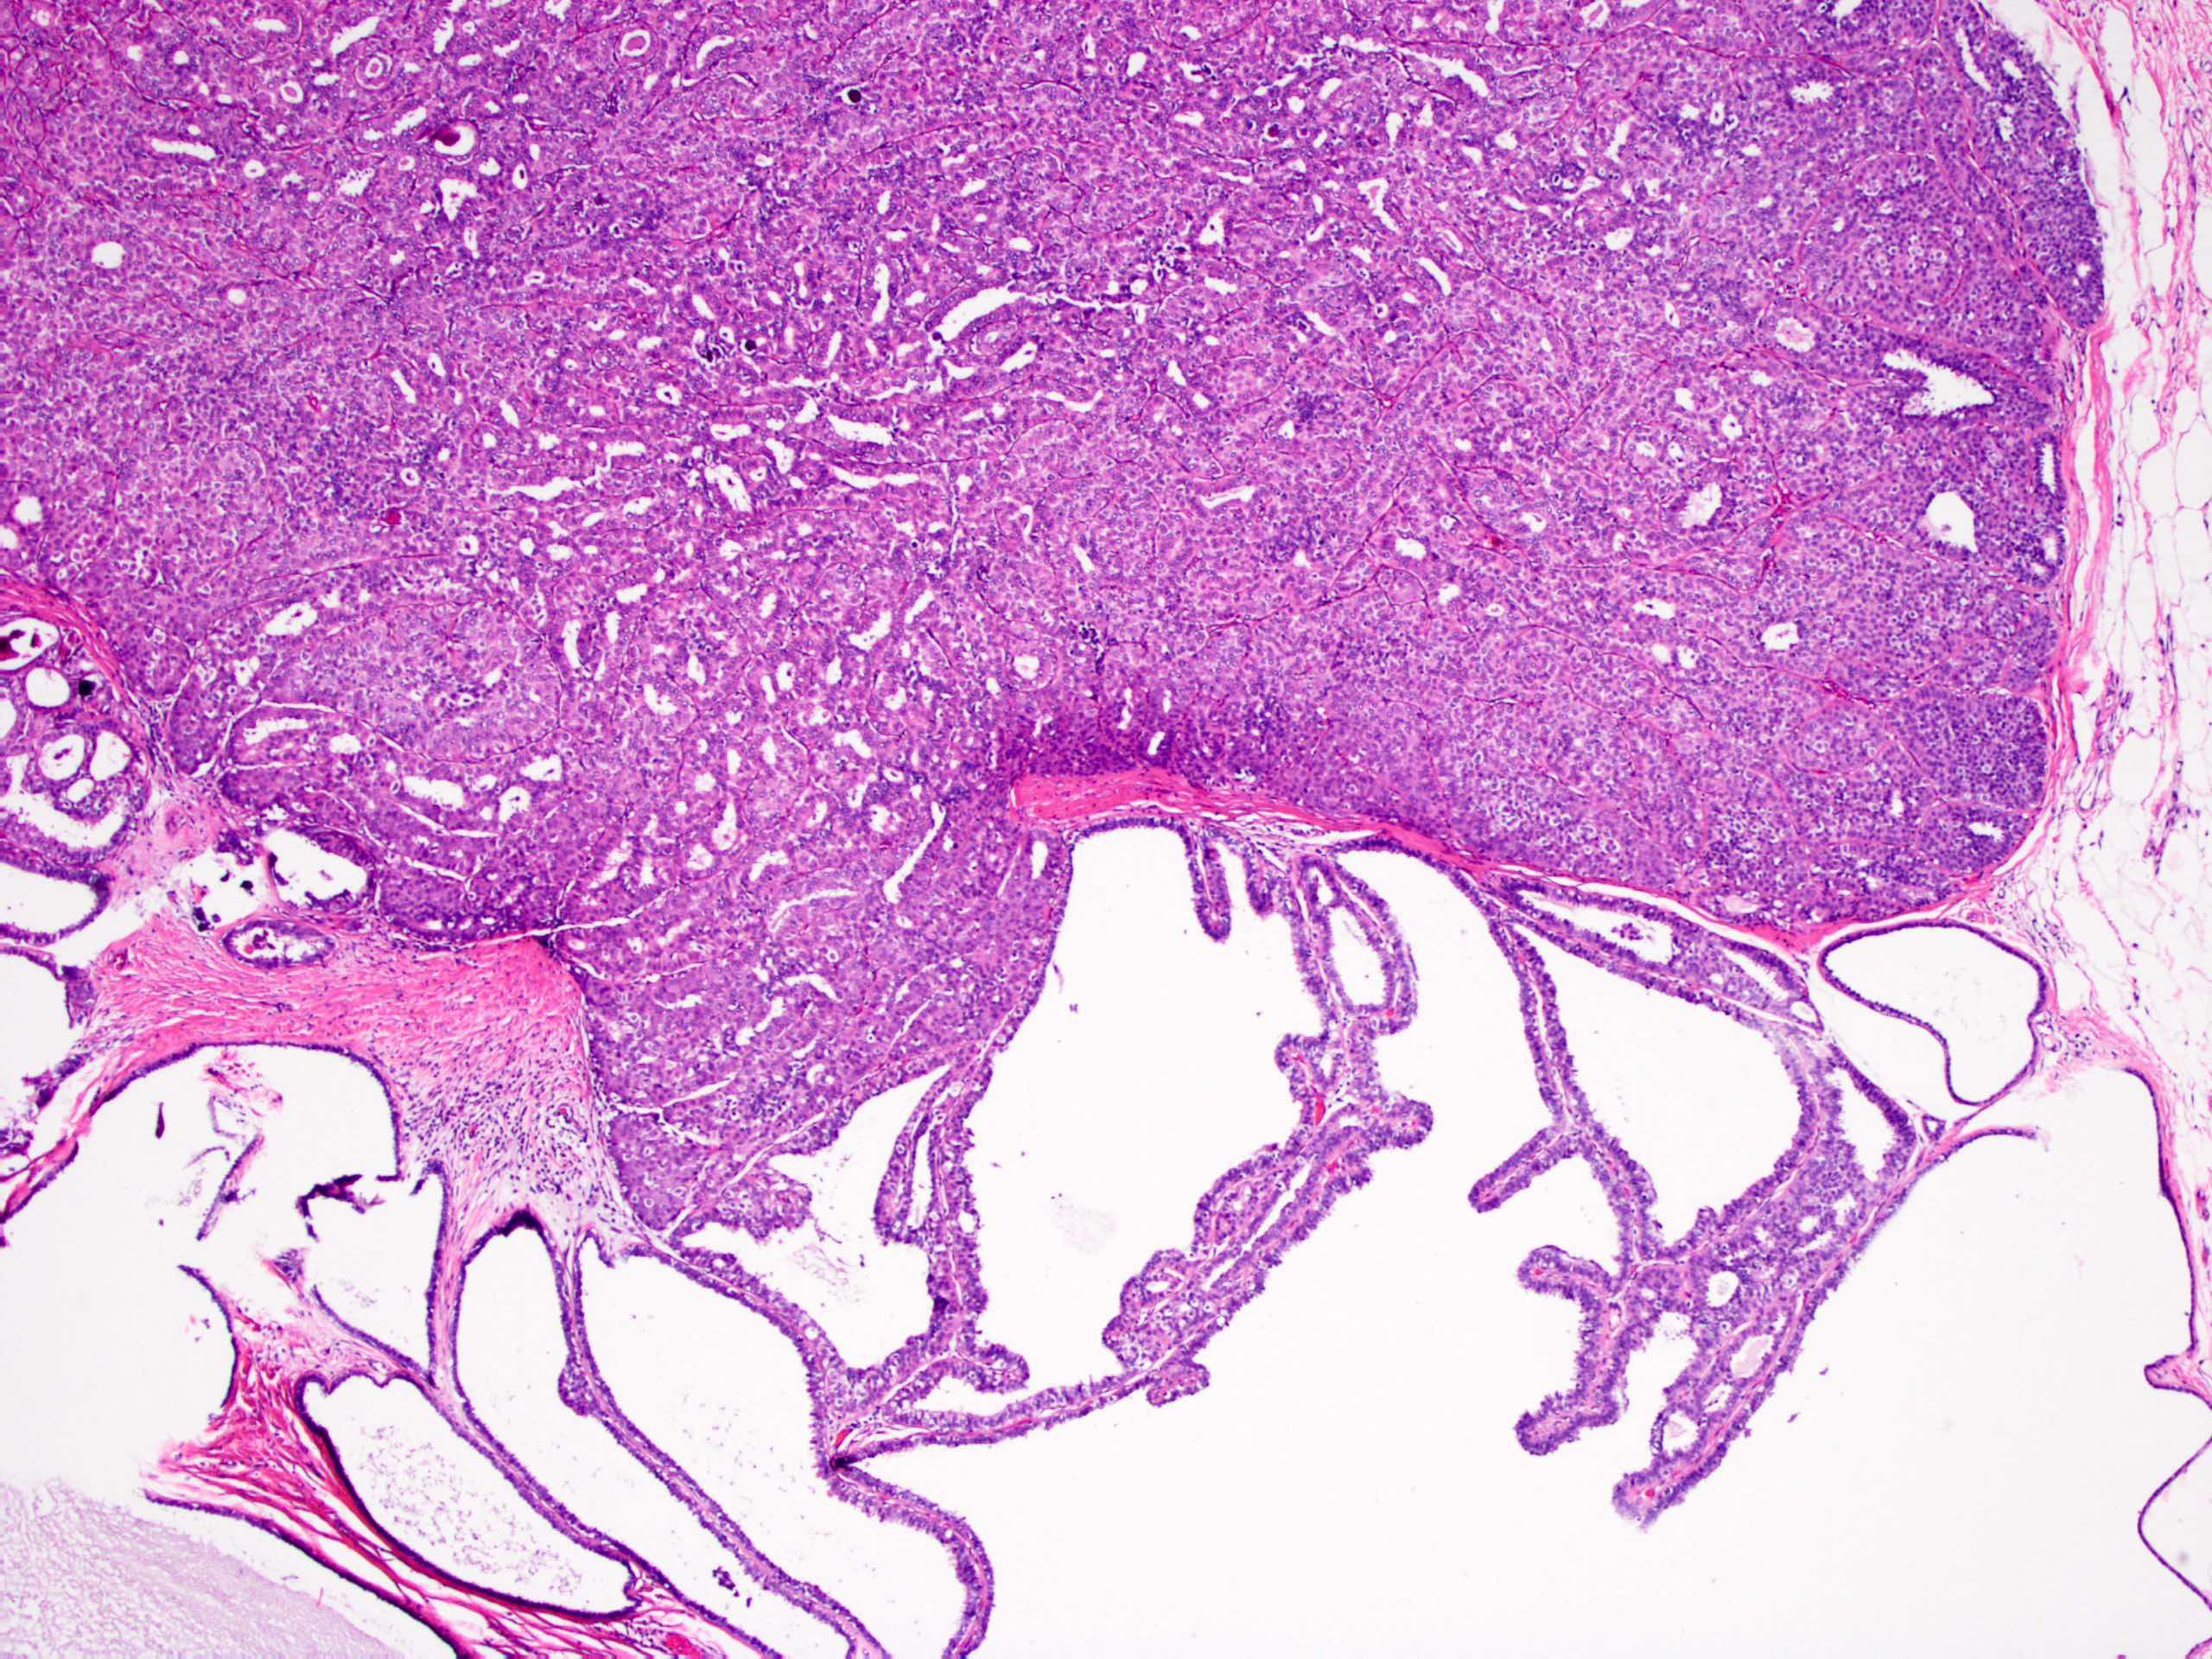 Az emlőmirigy intraduktális papilloma, típusai, diagnózisa és kezelése